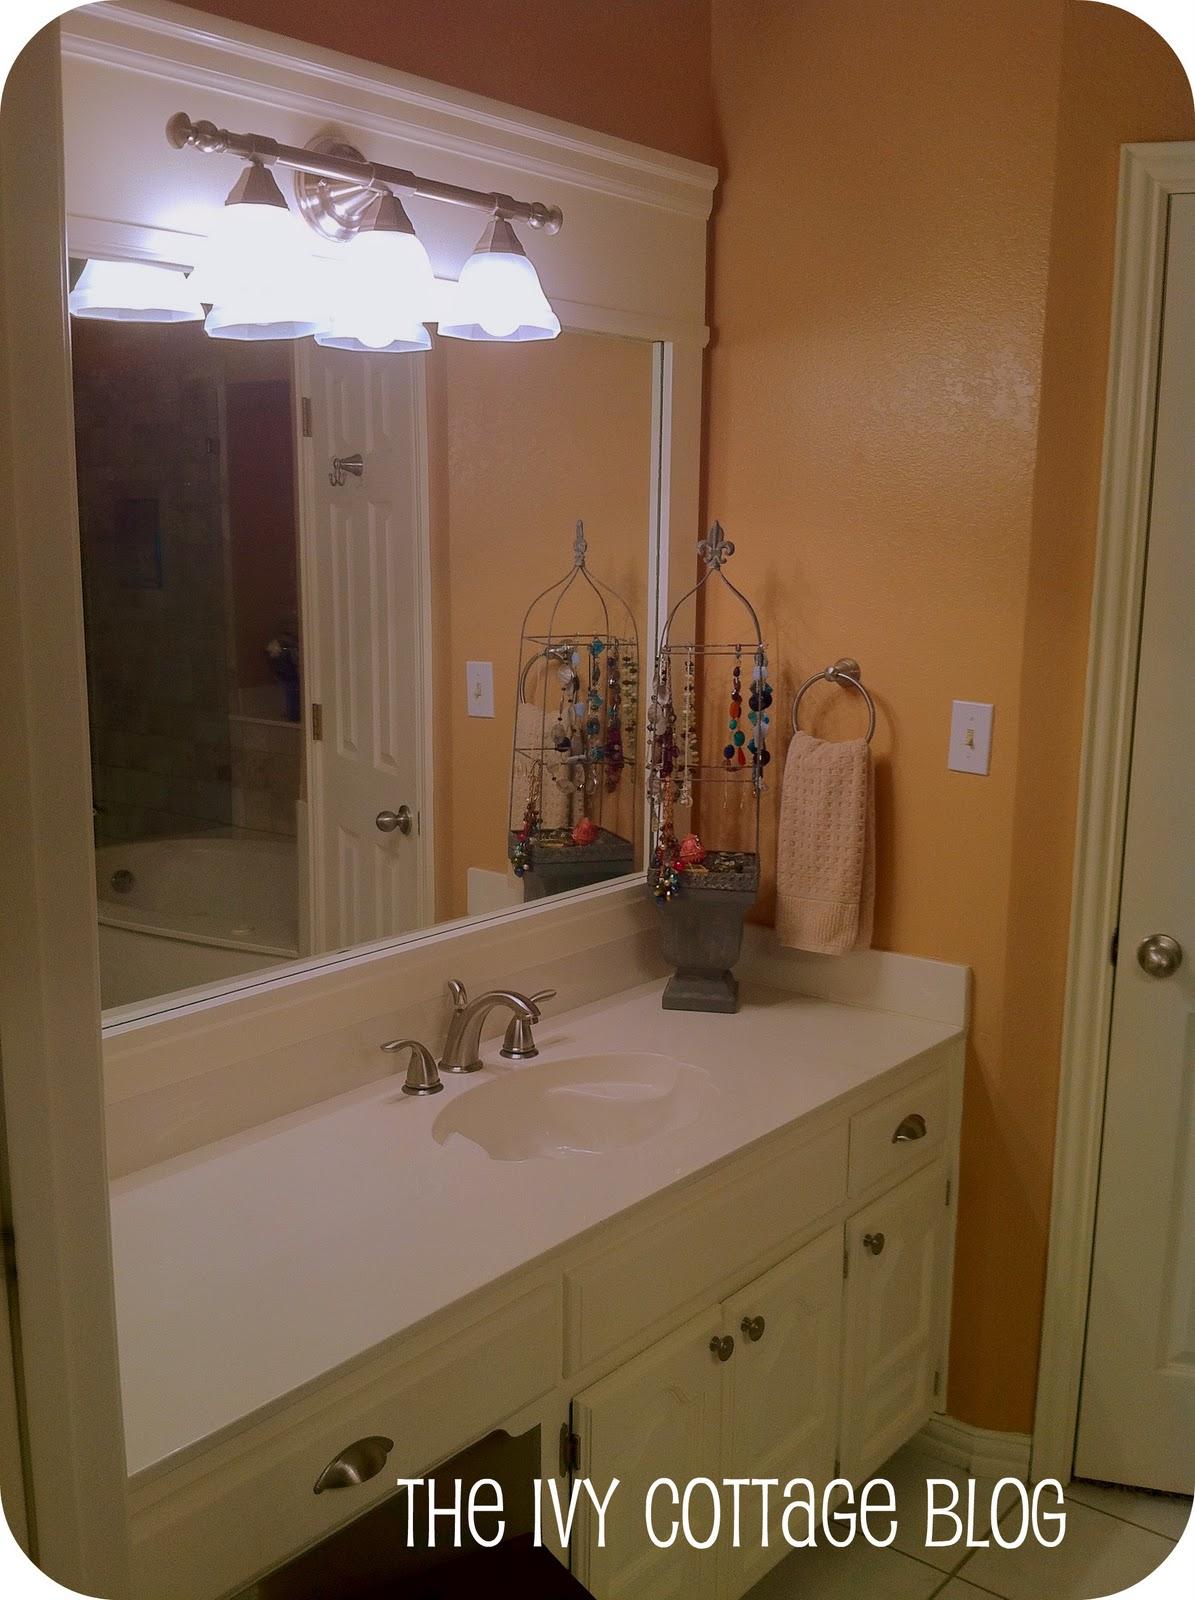 Fresh View from the door entering the bathroom New towel bar and door handles